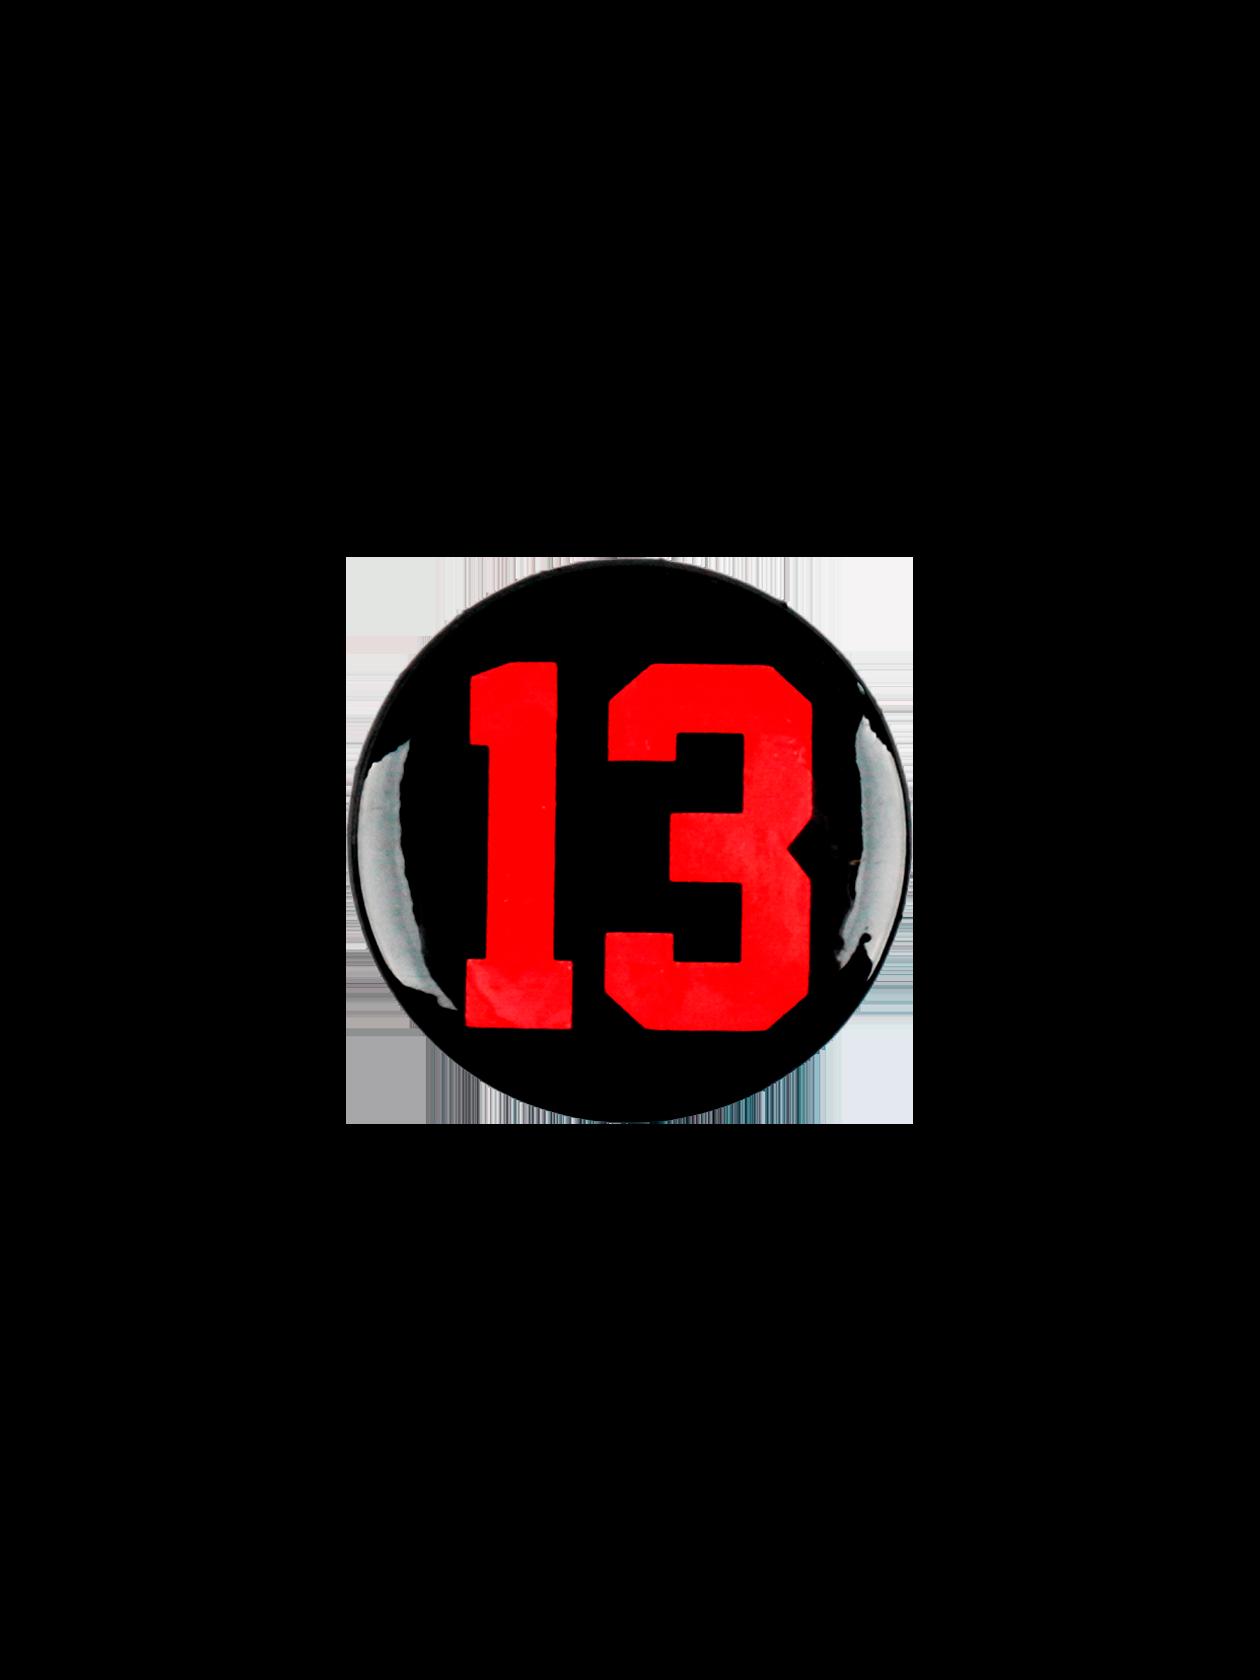 Значок ROYALTY 13Стильный значок Royalty 13 поможет всегда быть в тренде. Аксессуар из коллекции Black Star Wear подходит для одежды спортивного и повседневного типа. Модель круглой формы изготовлена из практичного материала с глянцевым покрытием. Значок представлен в черном цвете, дополнен ярким принтом с цифрой 13. Для надежной фиксации изделия предусмотрена застежка – английская булавка.<br><br>Размер: Единый размер<br>Цвет: Красный<br>Пол: Унисекс